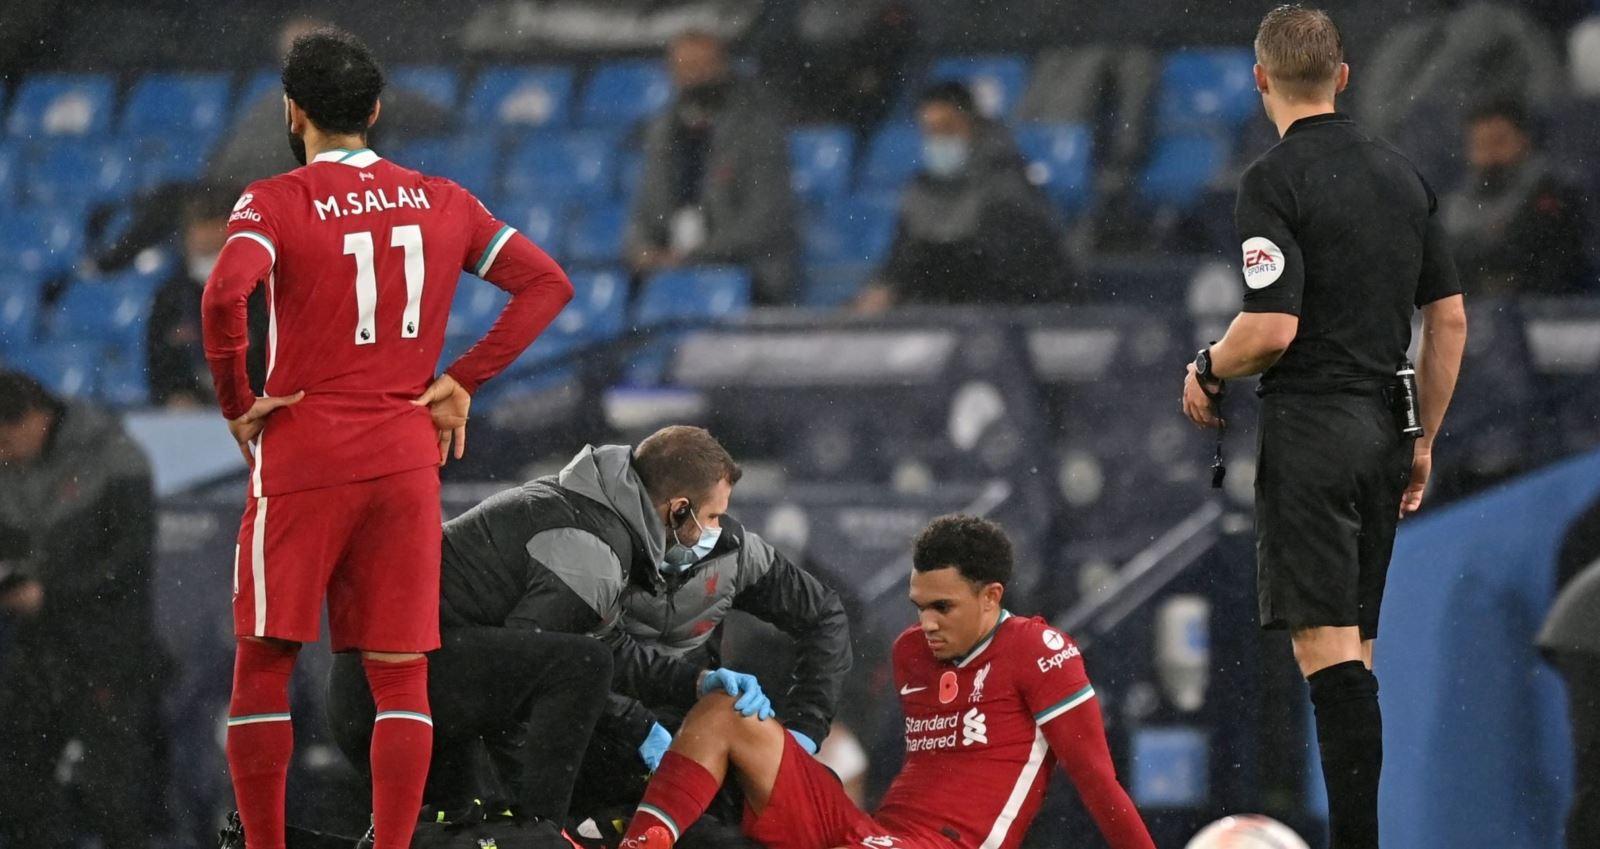 Video Man City vs Liverpool, Video clip bàn thắng Man City vs Liverpool, man city, liverpool, premier league, bóng đá, bong da hom nay